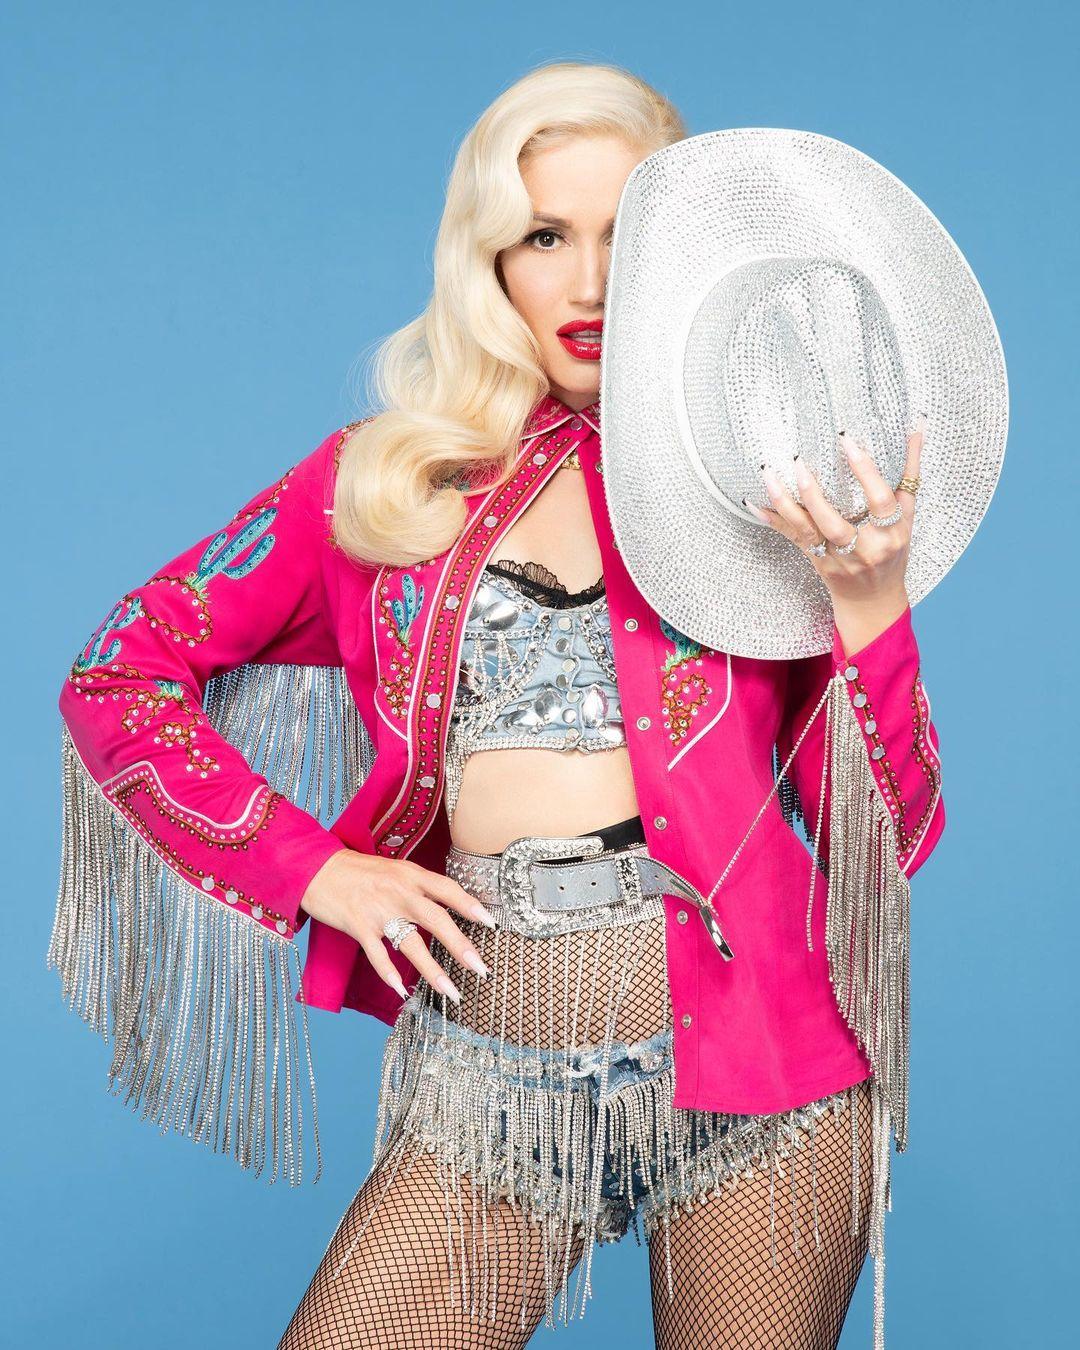 Gwen Stefani Slow Clap Promo Pic 2021 - Gwen Stefani - Slow Clap